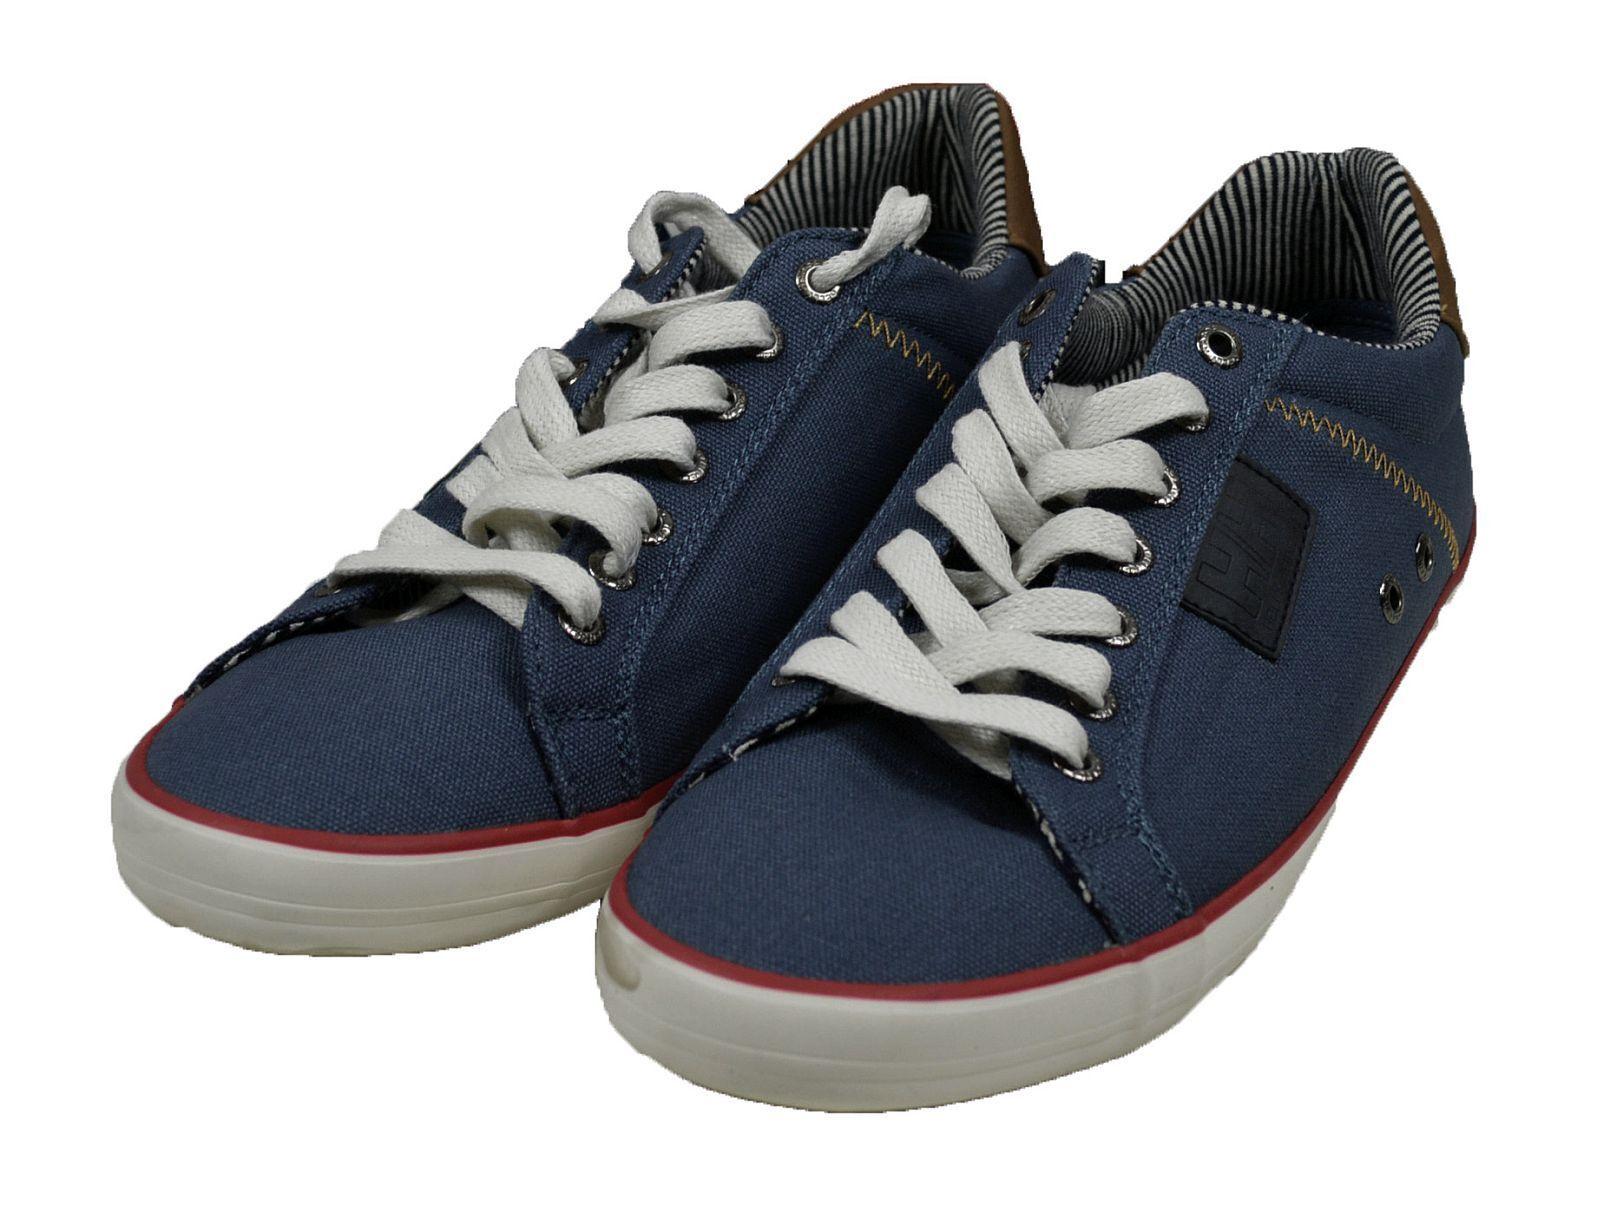 Helly Hansen Orland Low Herren Sneaker Schnürhalbschuhe schuhe sale 45011700